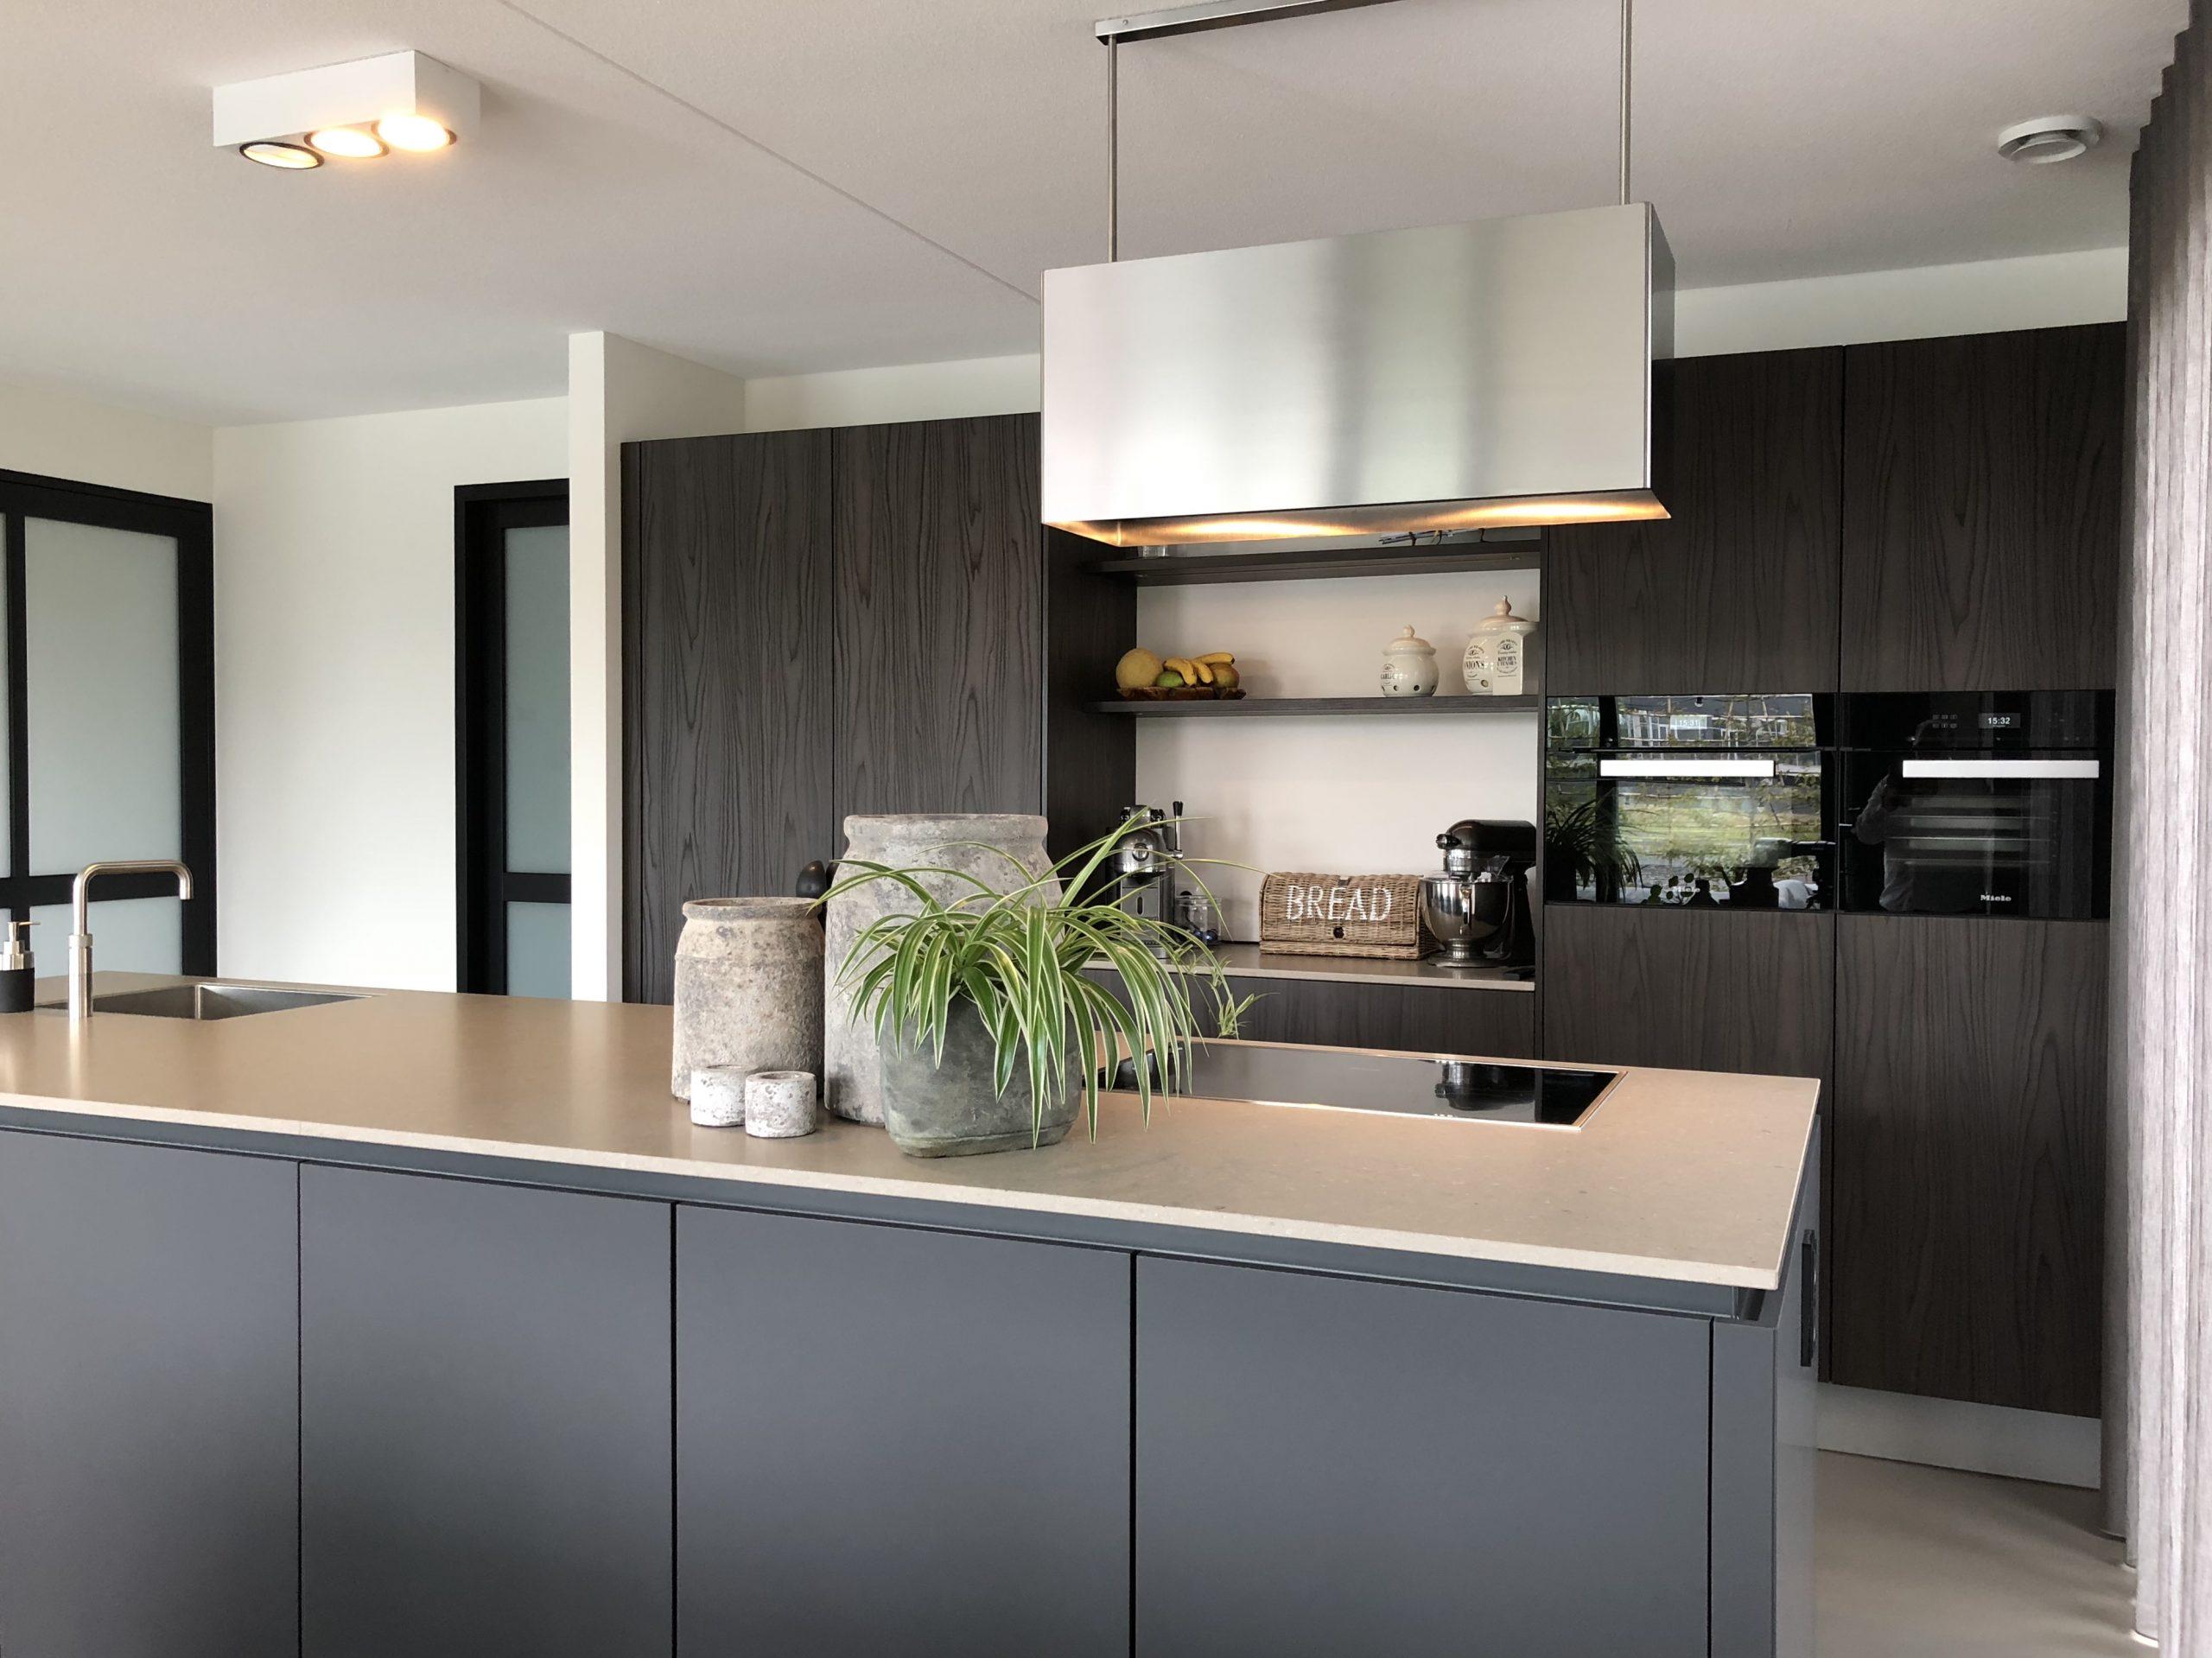 Designkeuken van Birgit en Corné: verlengstuk van het interieur